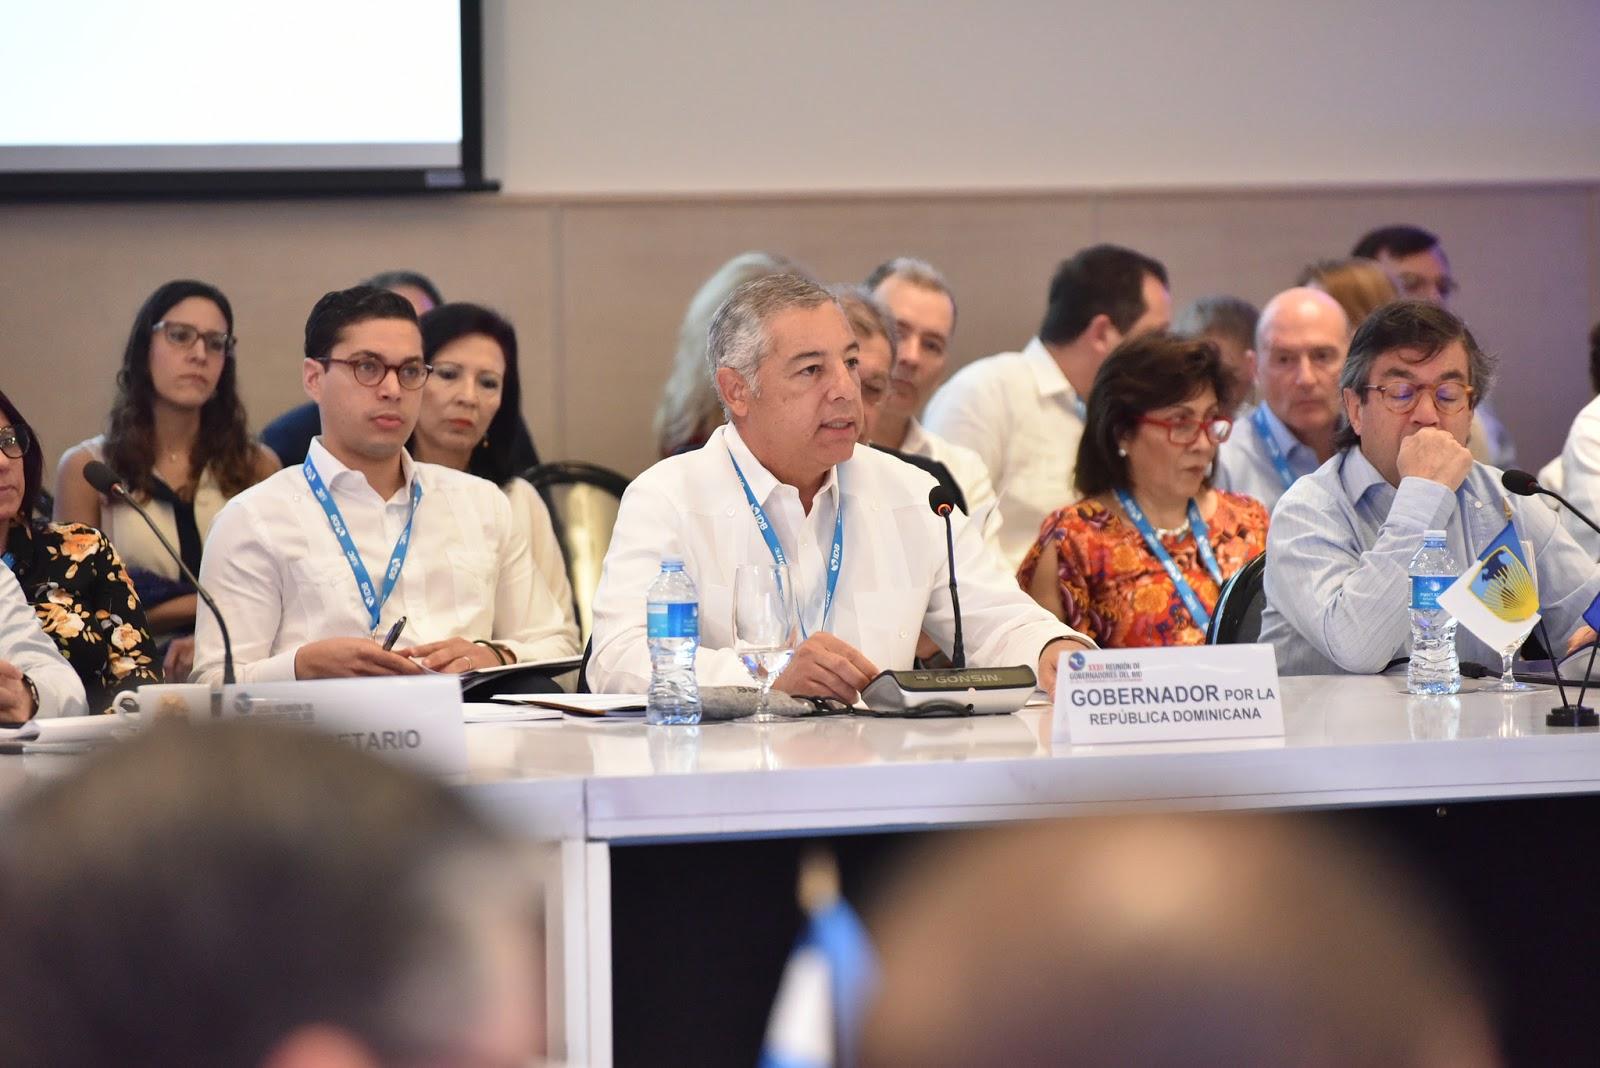 VIDEO: BID, gran aliado de República Dominicana, da apertura a XXXII Reunión de Gobernadores en Punta Cana